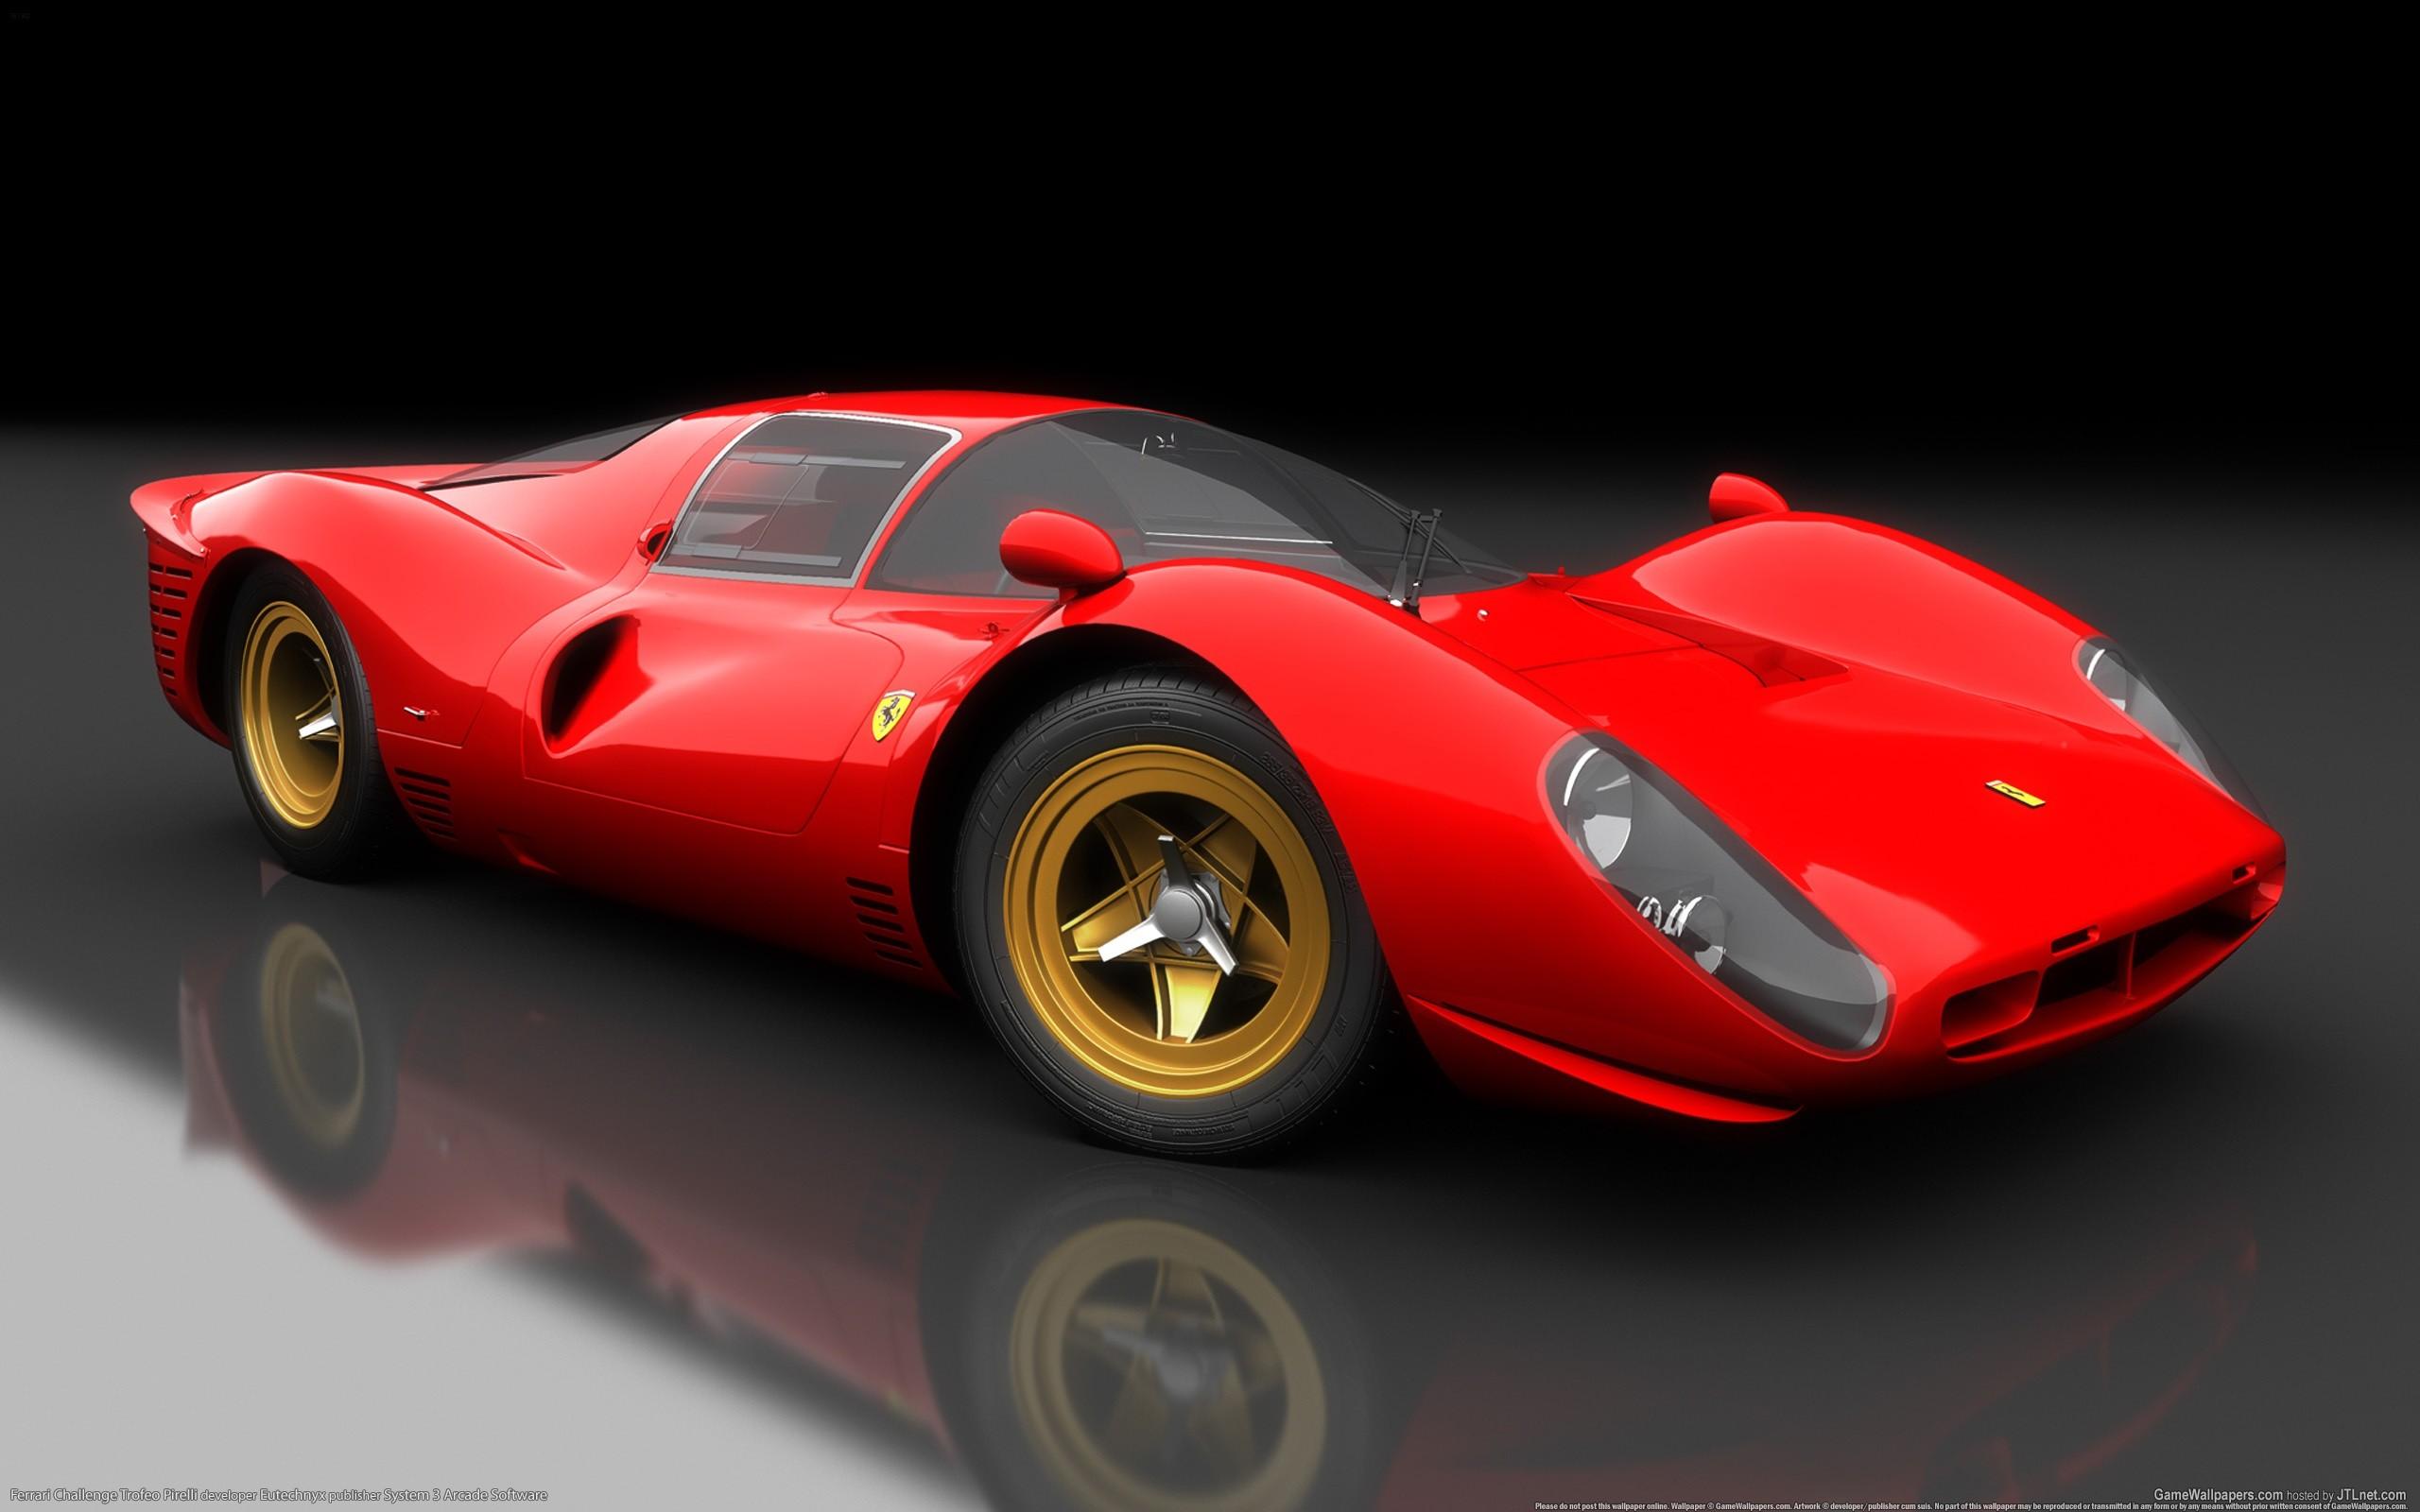 Video games Ferrari 330 P4 wallpaper 2560x1600 191619 2560x1600